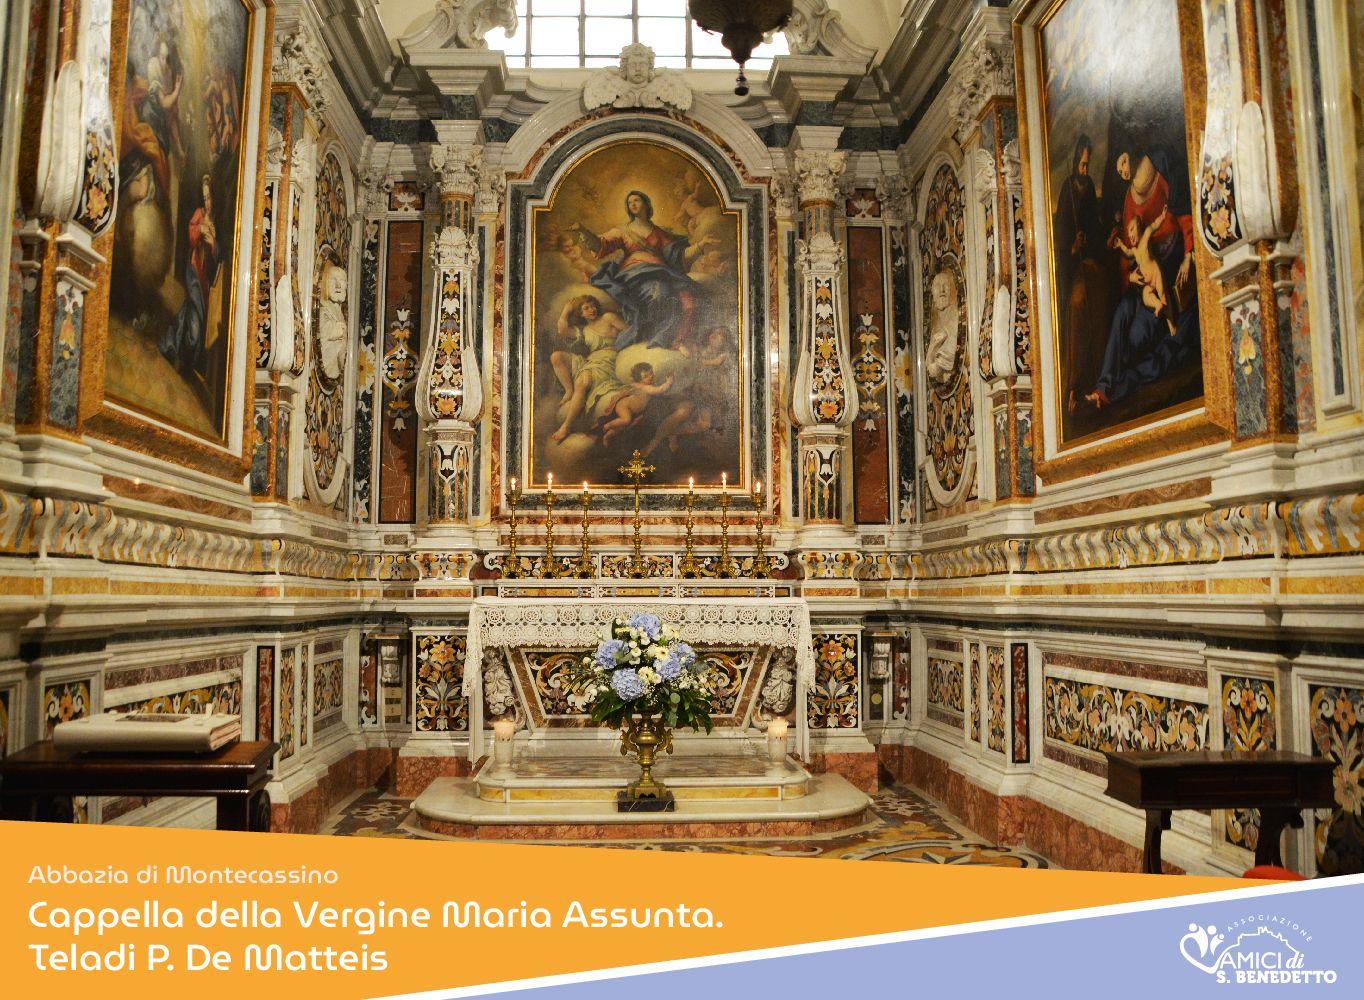 Solennità dell'Assuzione della Beata Vergine Maria